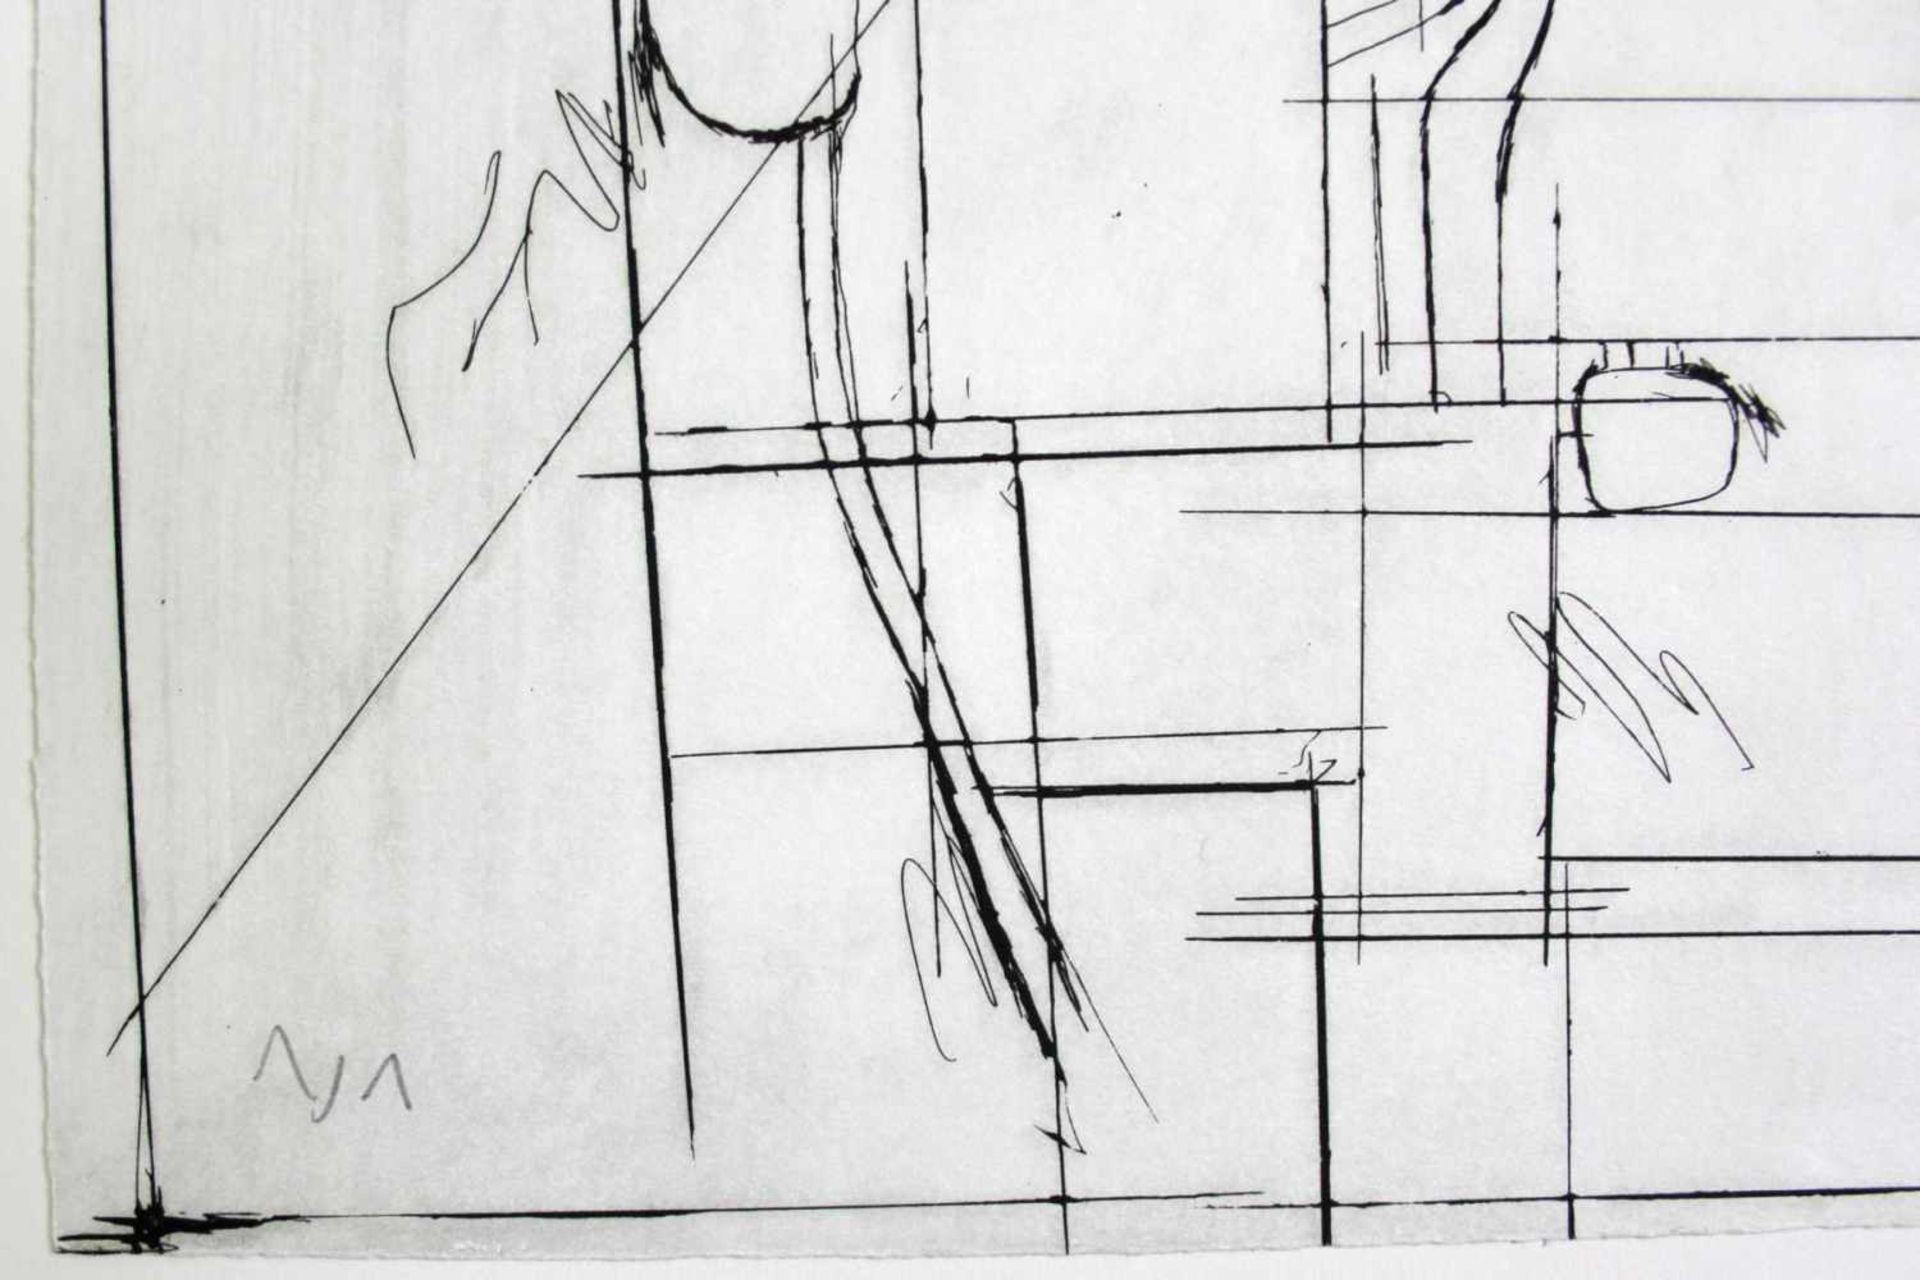 Hermann Nitsch geb. 1938 o.T. 2010 Kaltnadelradierung handsigniert und nummeriert 1/1 68 x 48 cm - Bild 4 aus 4